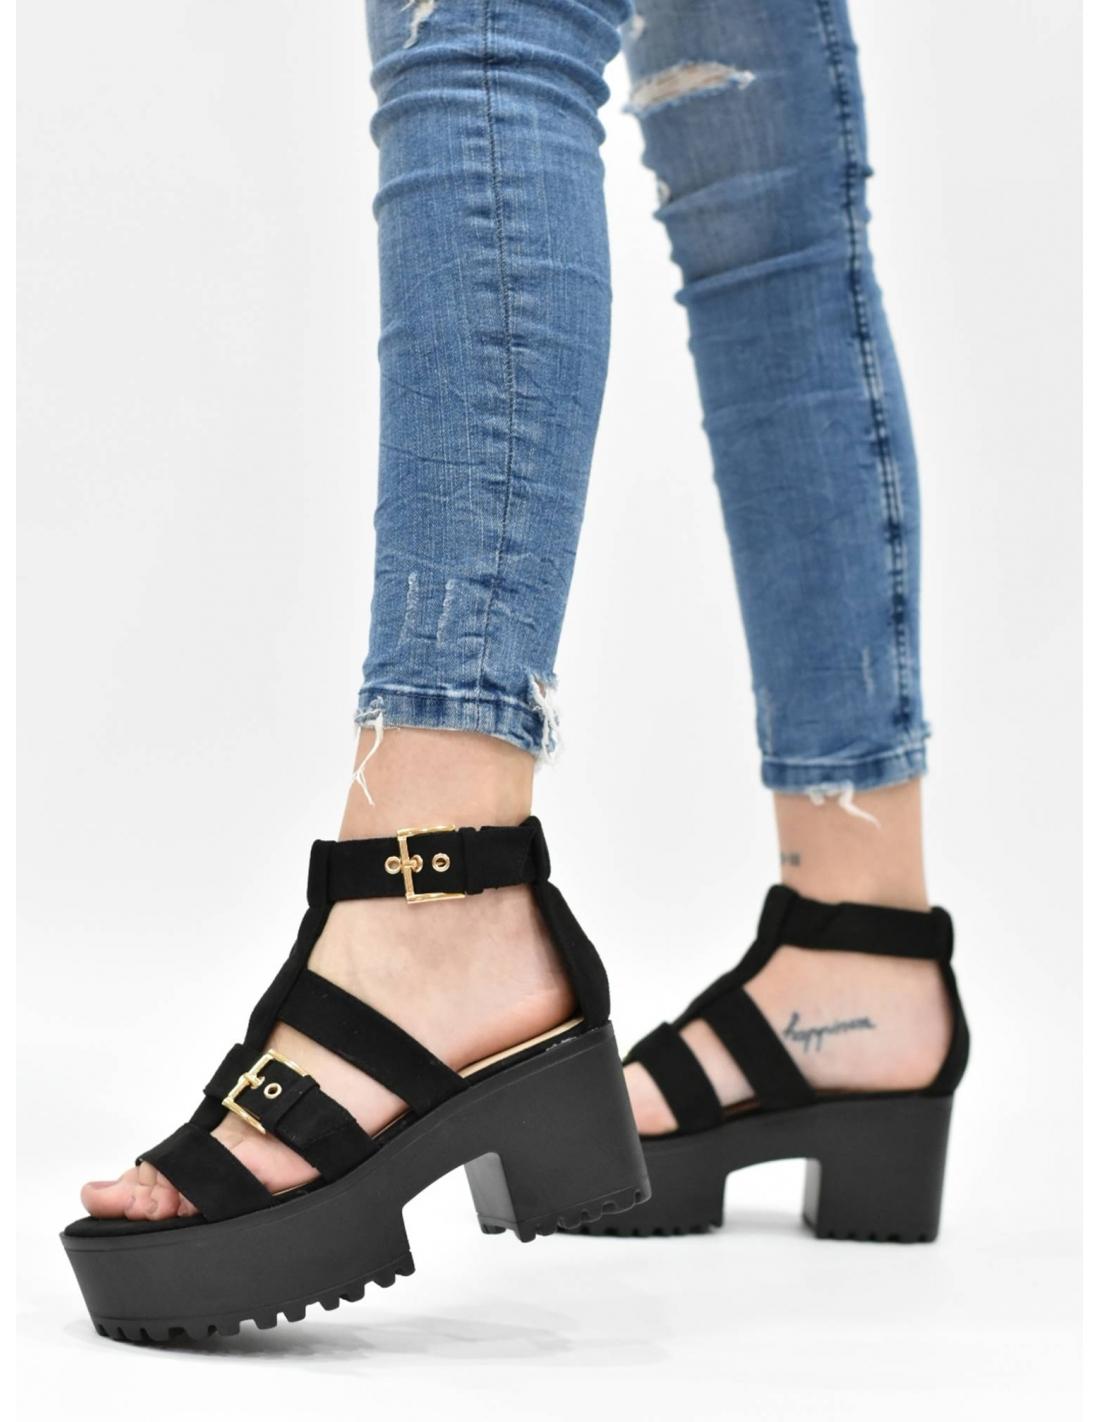 Sandalia vanet negra